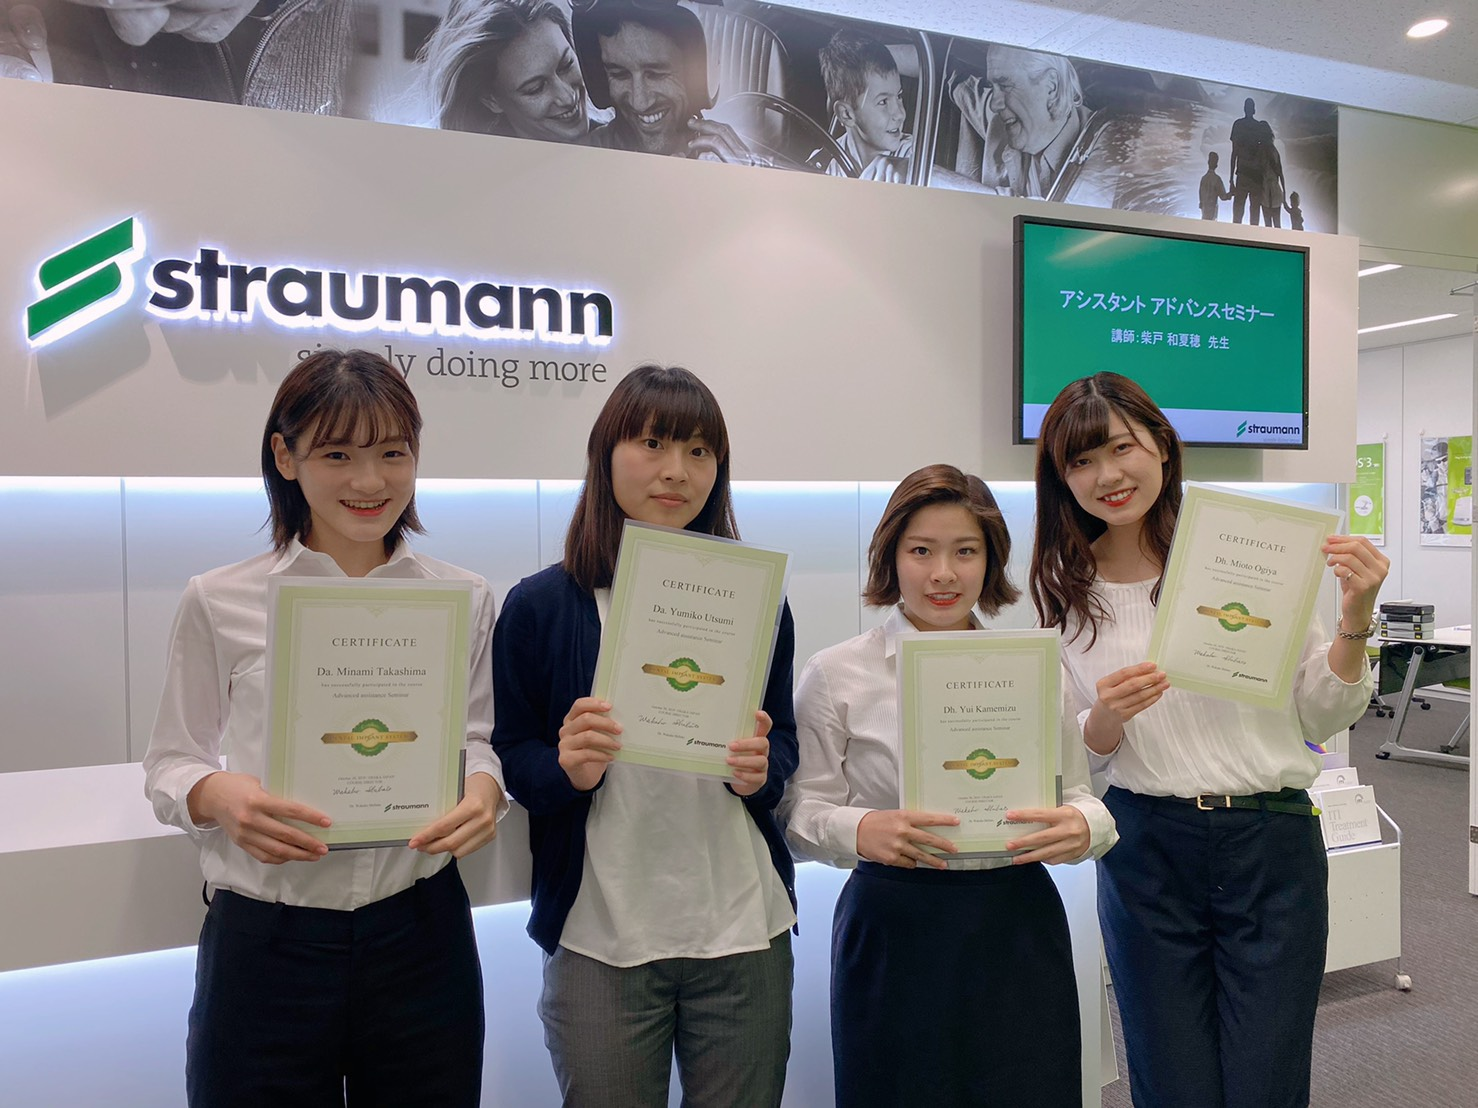 ストローマン主催のインプラントアシスタントセミナーに参加しました